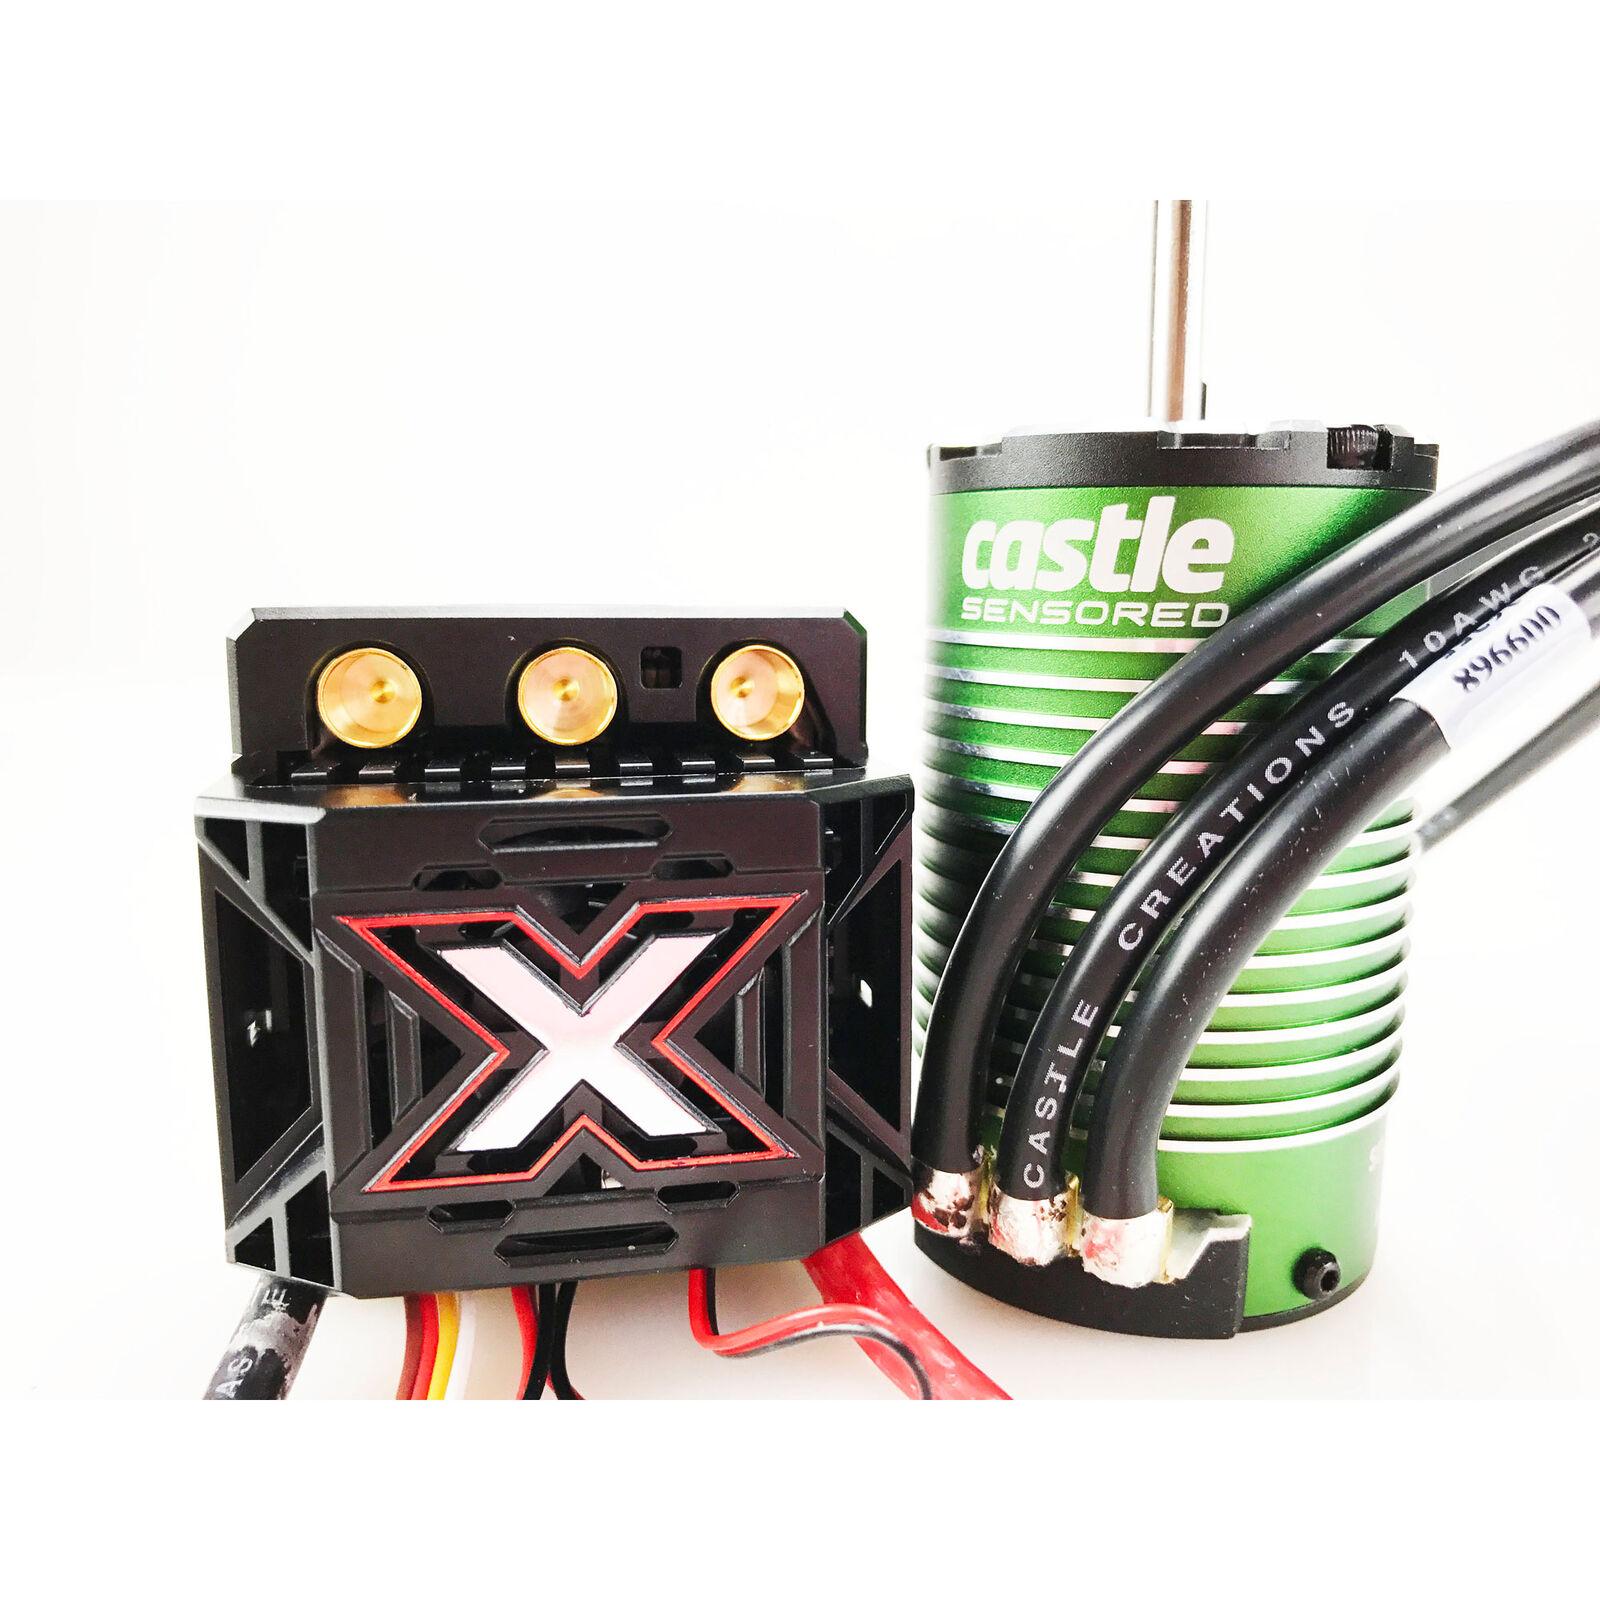 1/8 Mamba Monster X ESC/1515-2200KV Sensored Brushless Motor Combo: 6.5mm Bullet